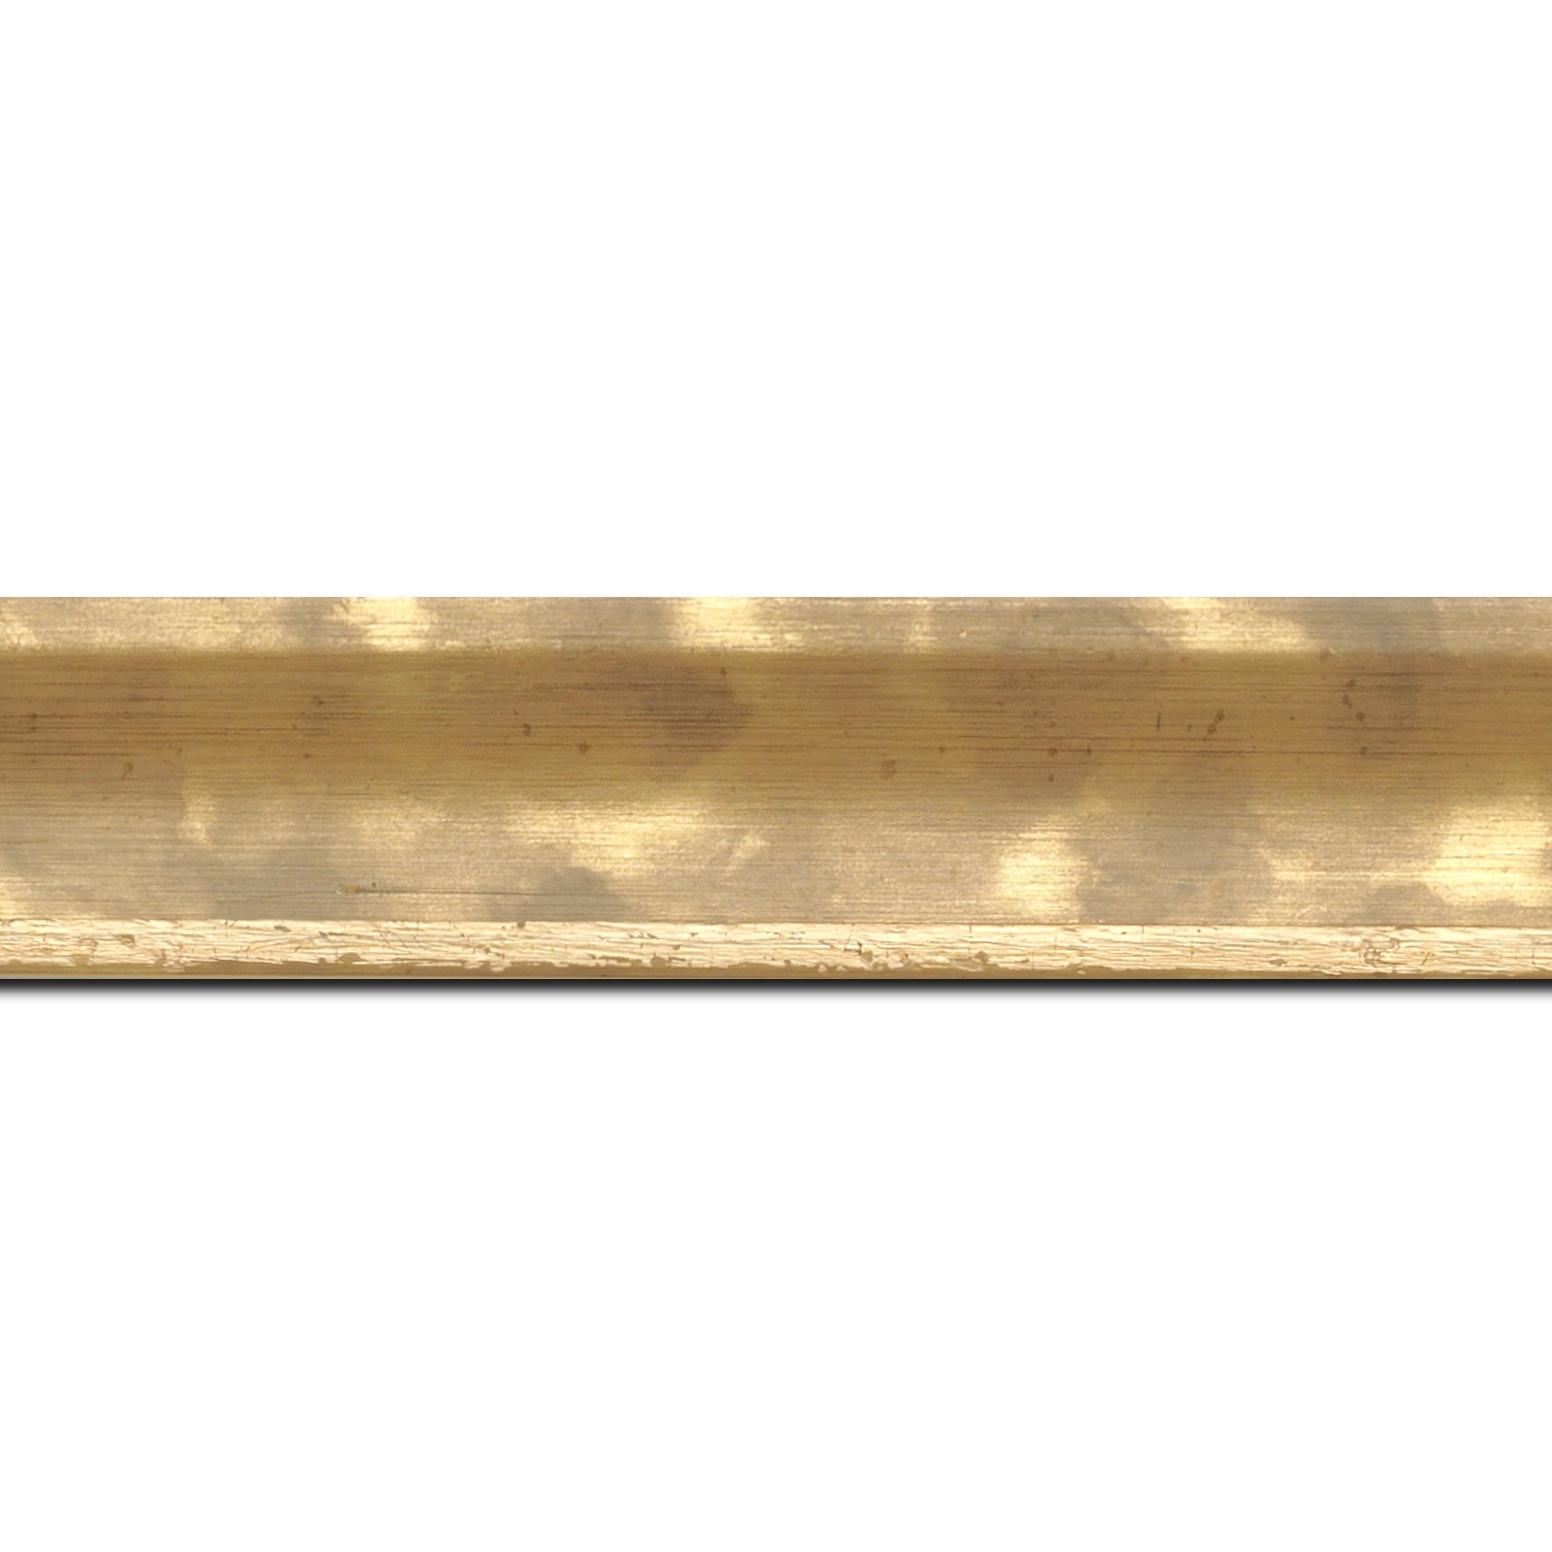 Baguette longueur 1.40m bois profil incurvé largeur 3.9cm or tamisé